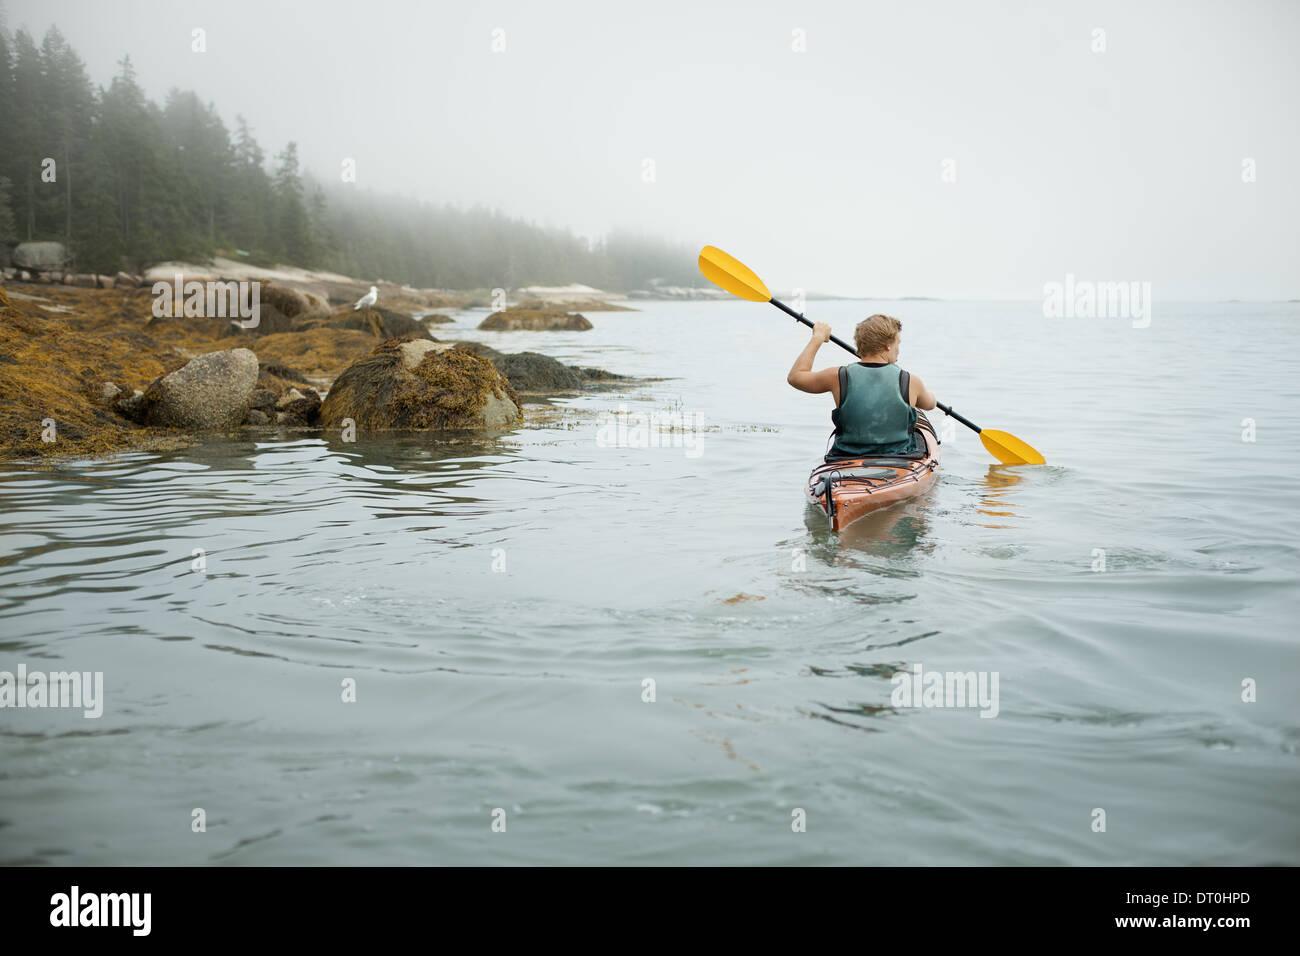 Lo stato di New York STATI UNITI D'AMERICA uomo canoa kayak su acqua calma misty condizioni Immagini Stock